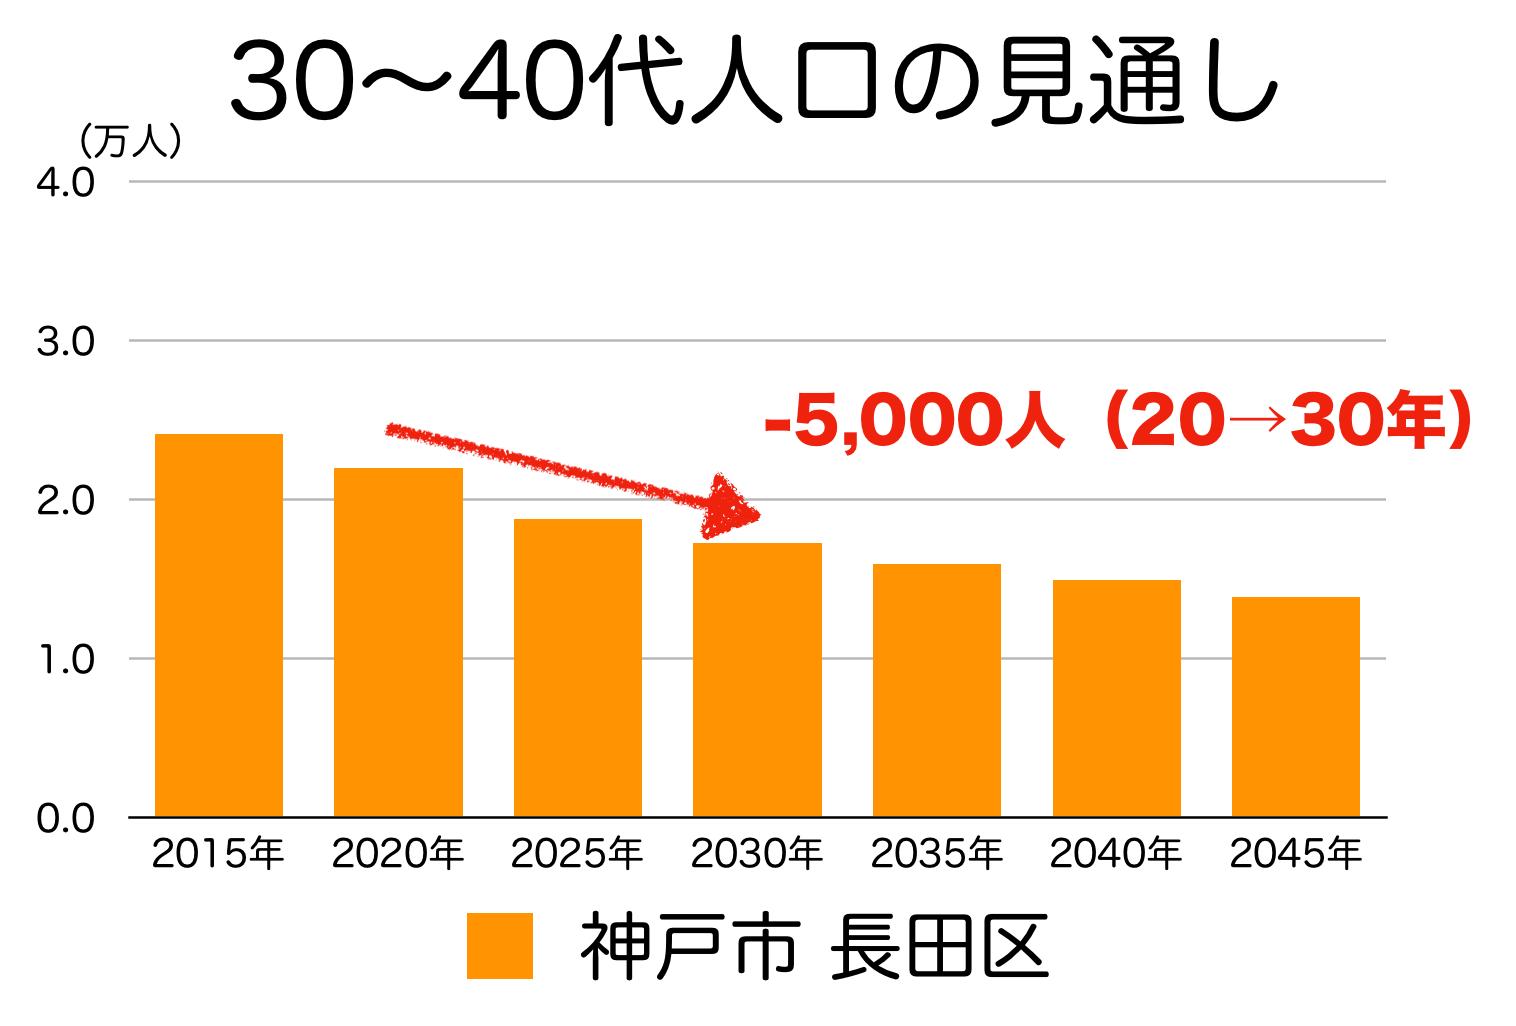 神戸市長田区の30〜40代人口の予測